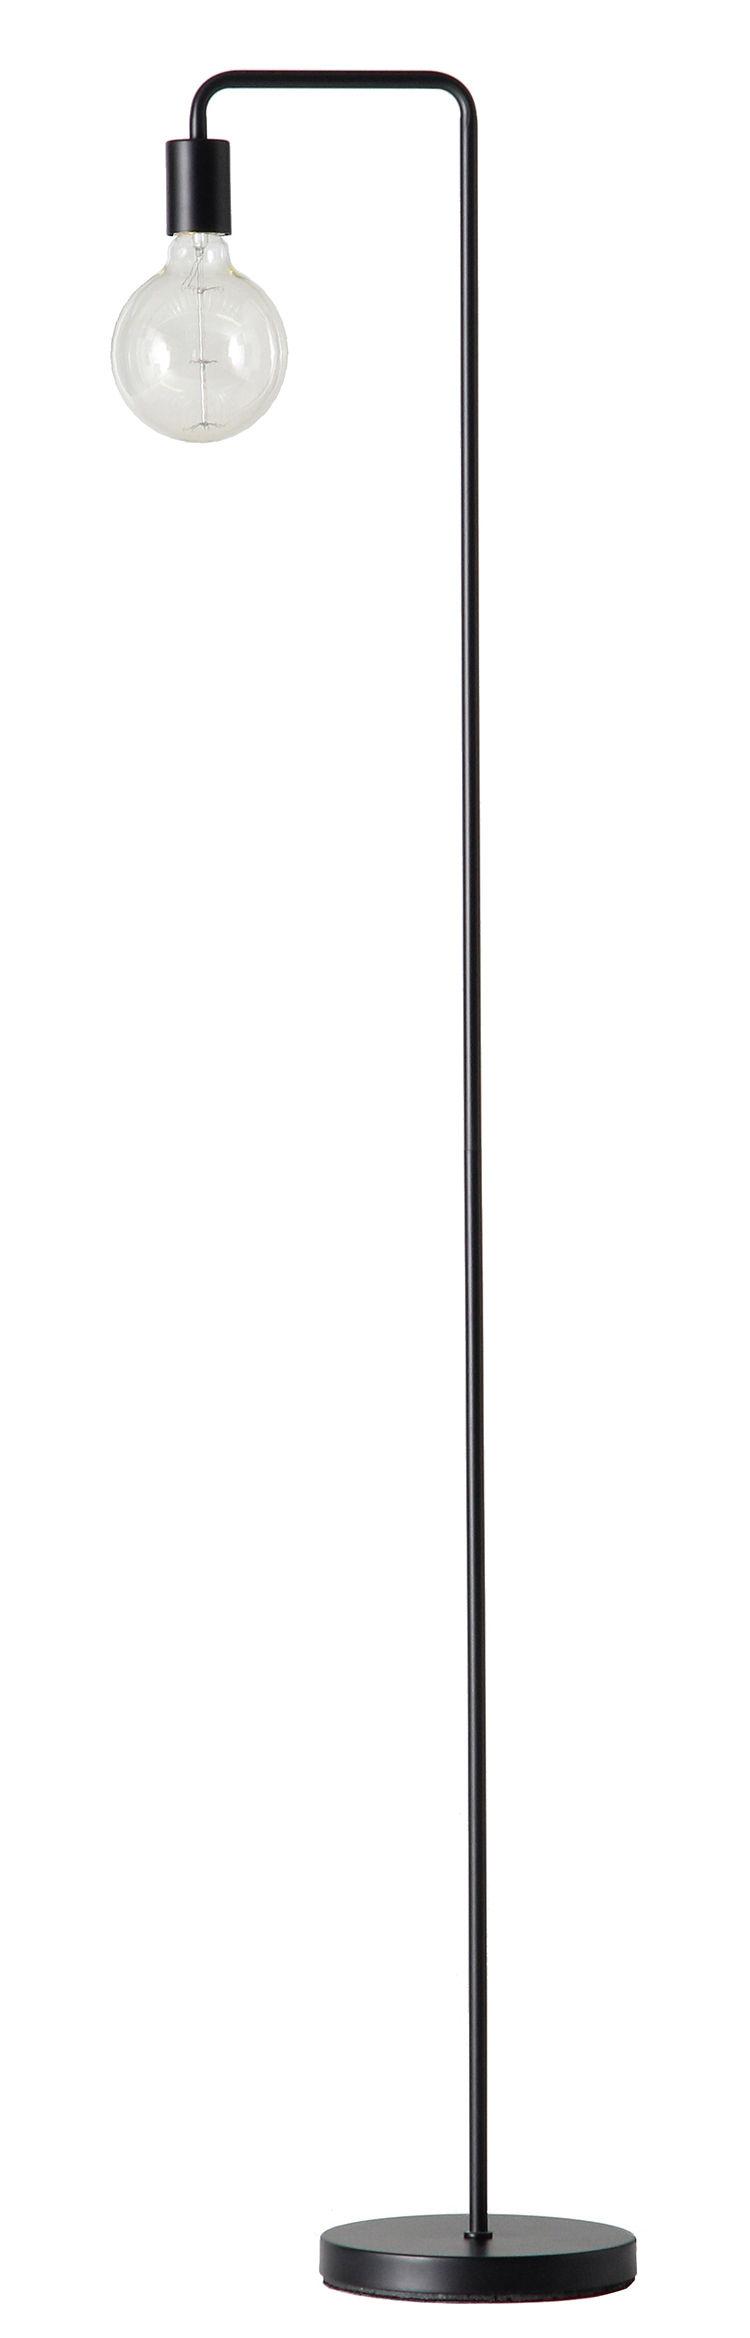 Lighting - Floor lamps - Cool Floor lamp - / H 153 cm by Frandsen - Mat black - Painted metal